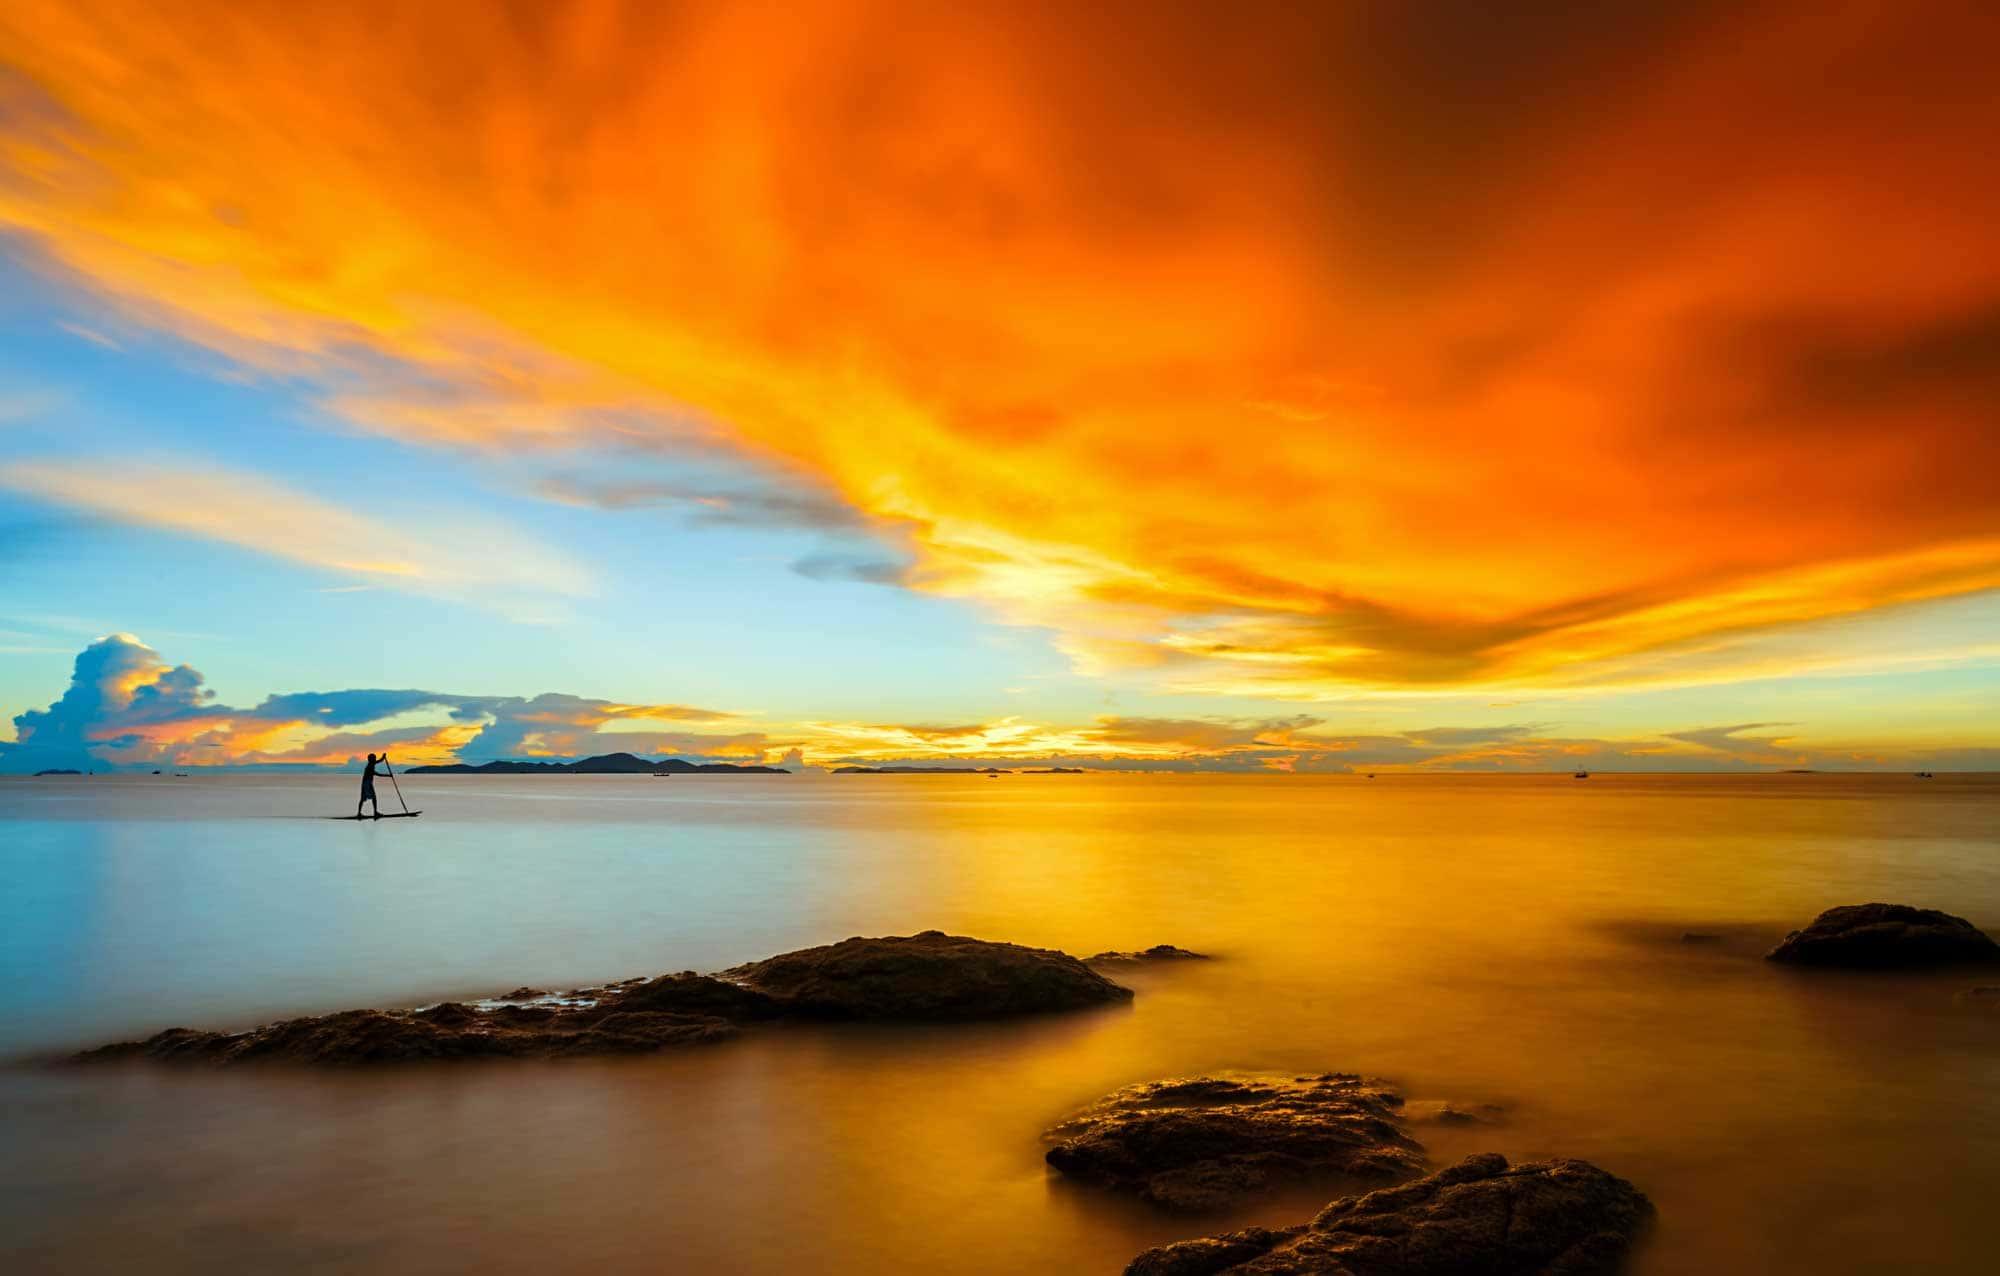 Paysage de la plage paradisiaque d'une île tropicale au coucher du soleil à Pattaya, en Thaïlande